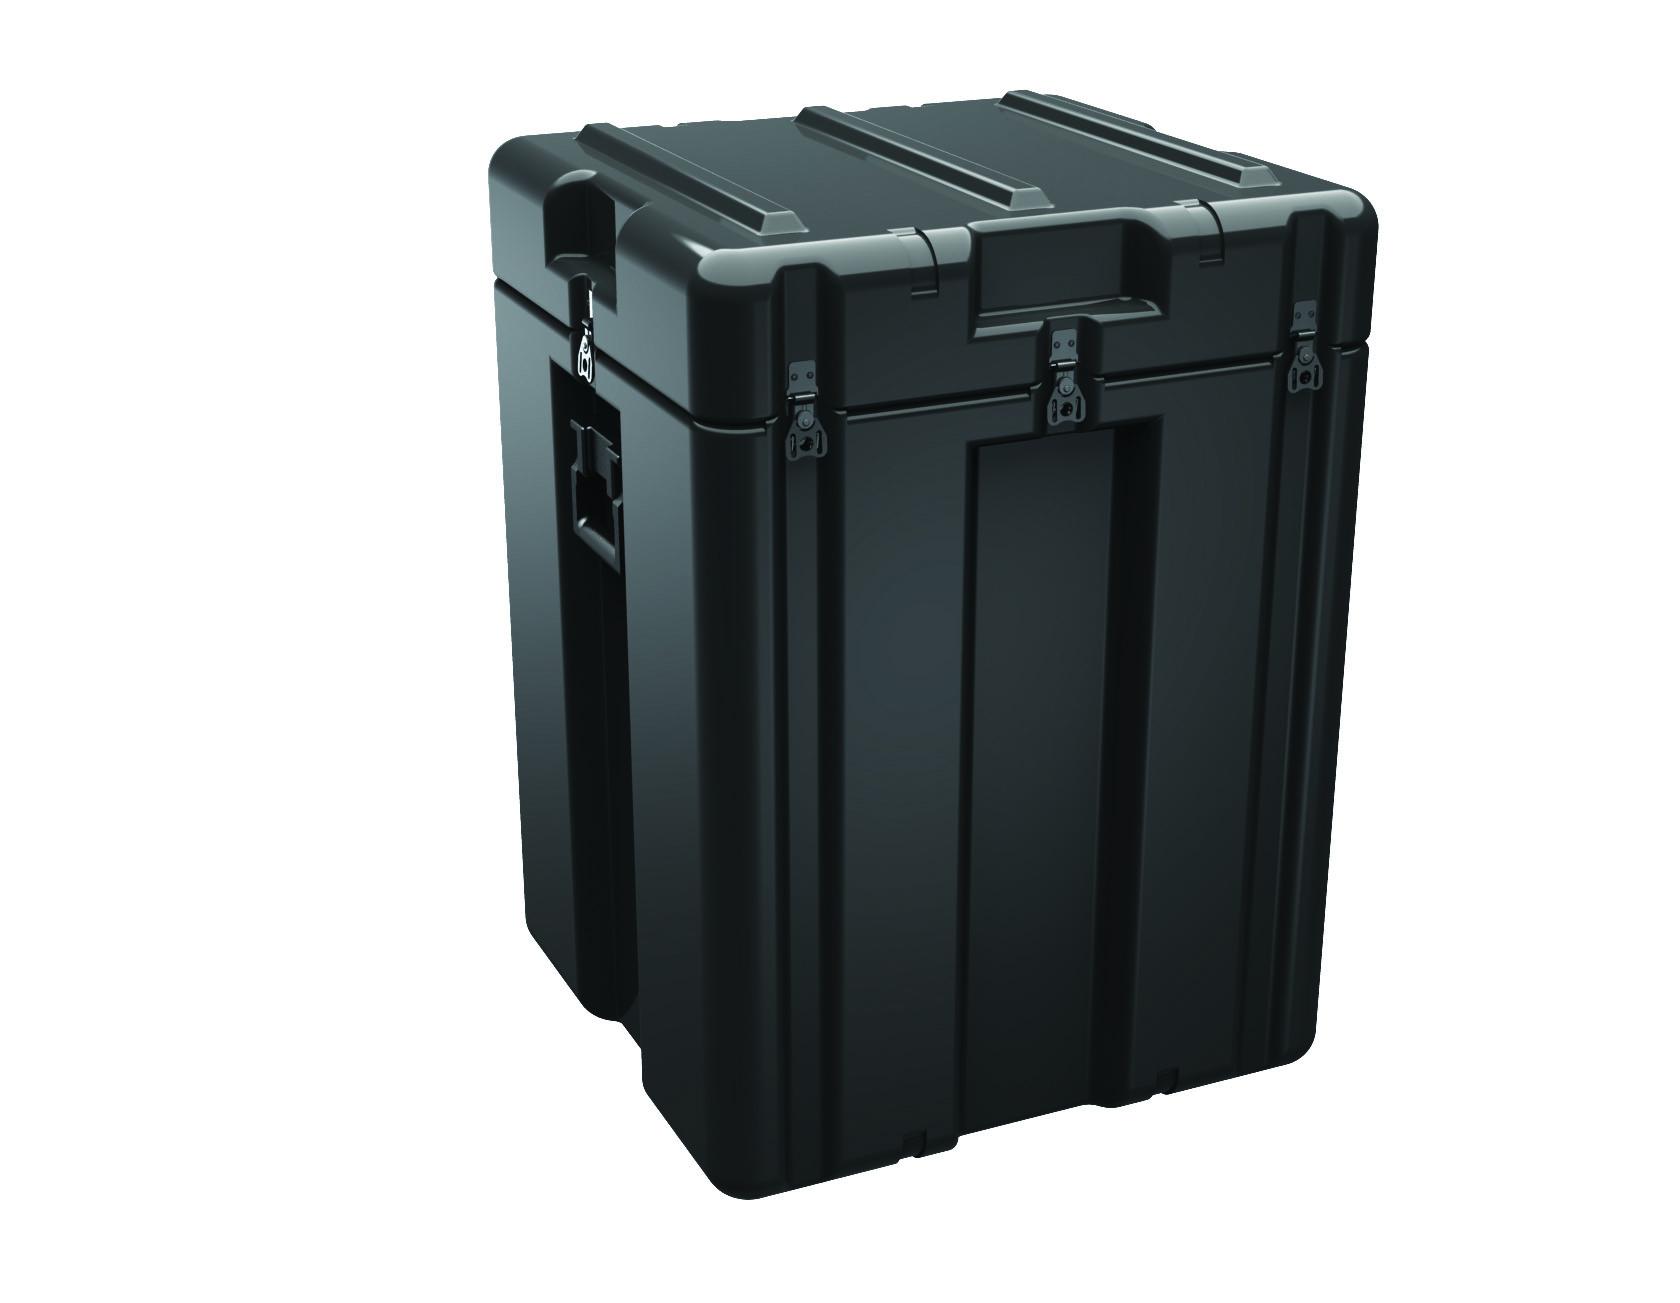 AL2221-2805 - Pelican AL2221-2805 army transport case